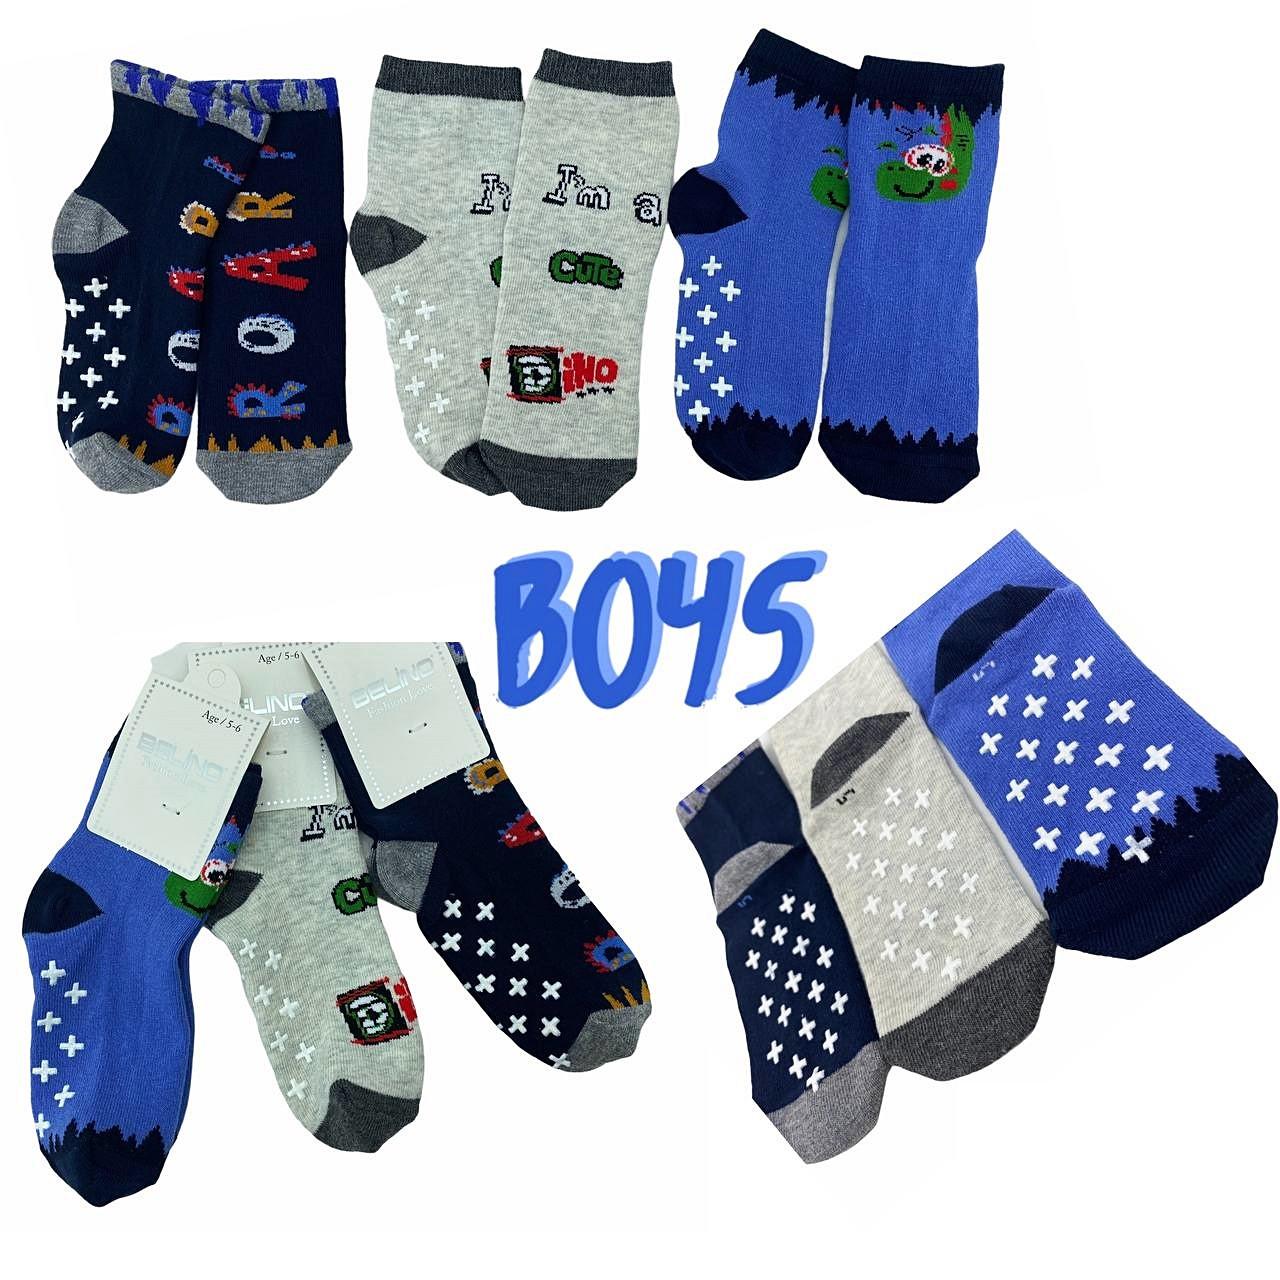 Хлопковые носки с тормозами для мальчиков 5-6 лет ТМ Belino